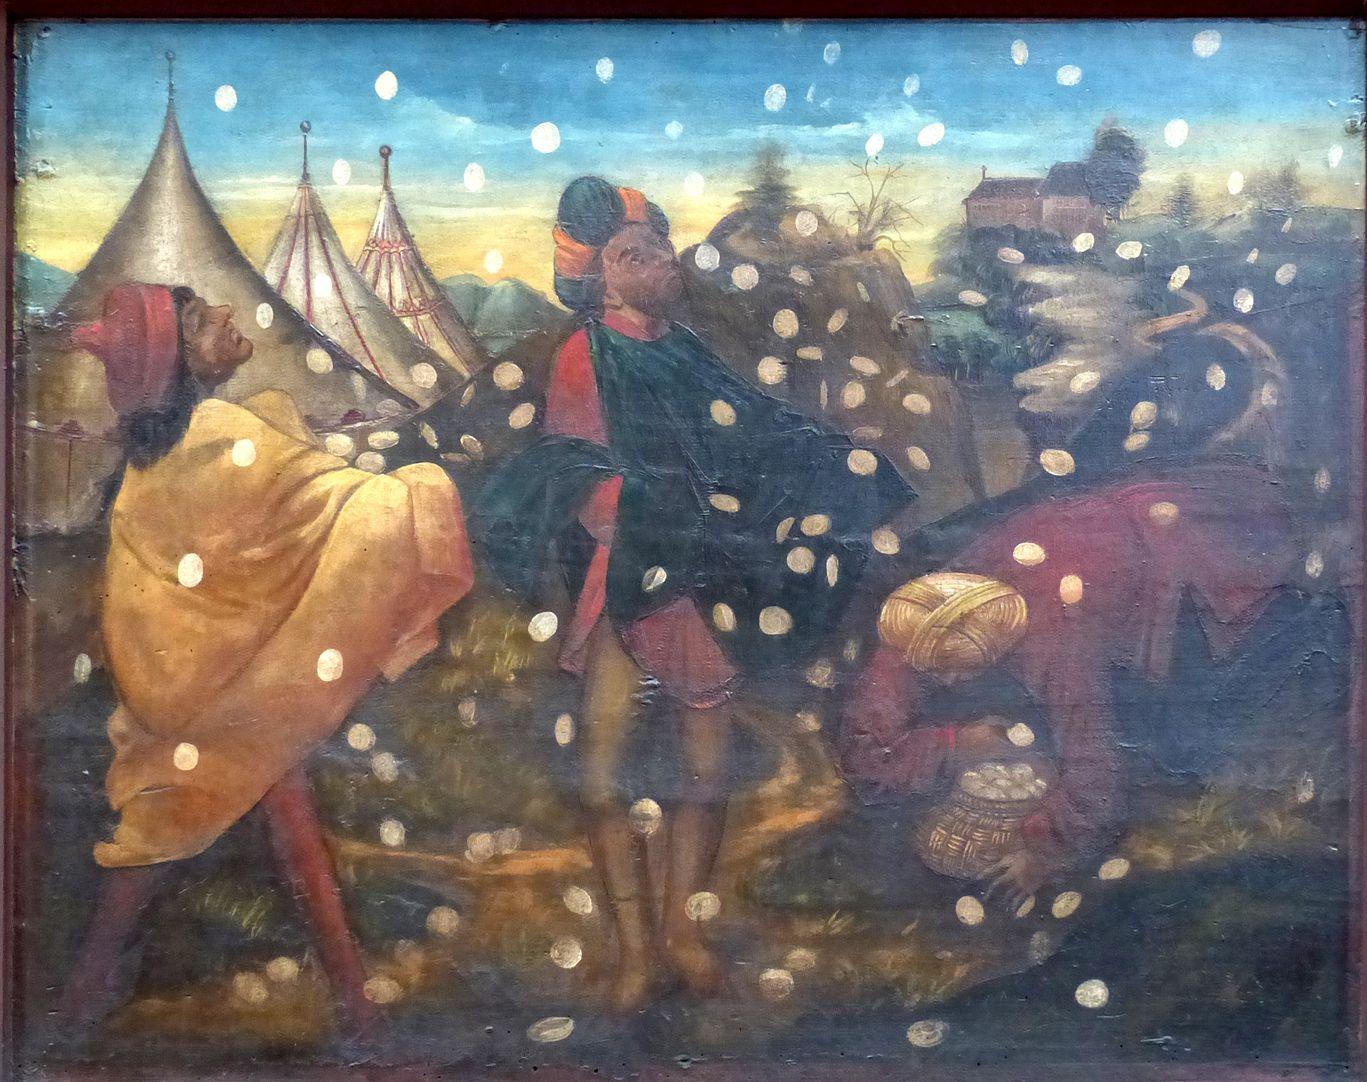 Zwickauer Hochaltarretabel Predella, Rückseite, linke Tafel: Mannaregen